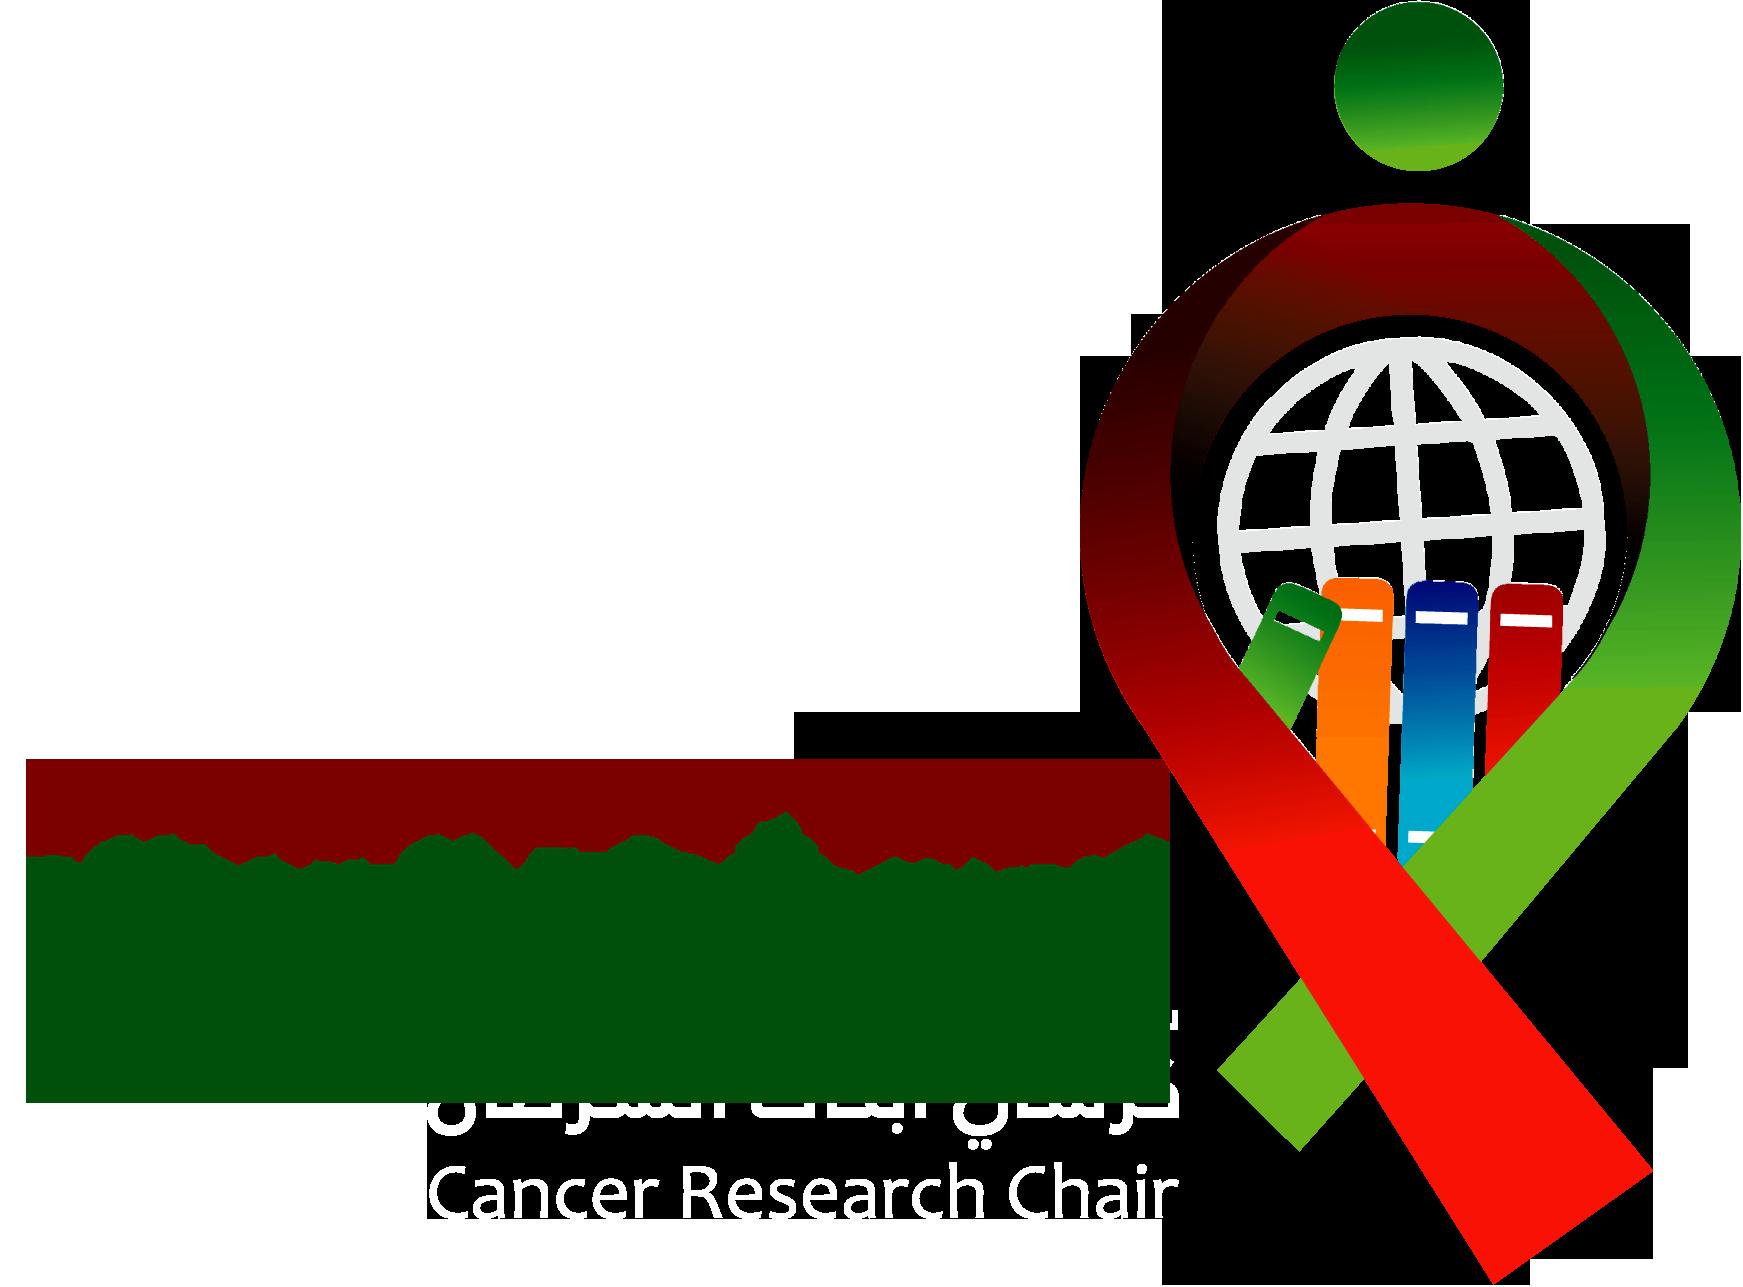 كرسي أبحاث السرطان